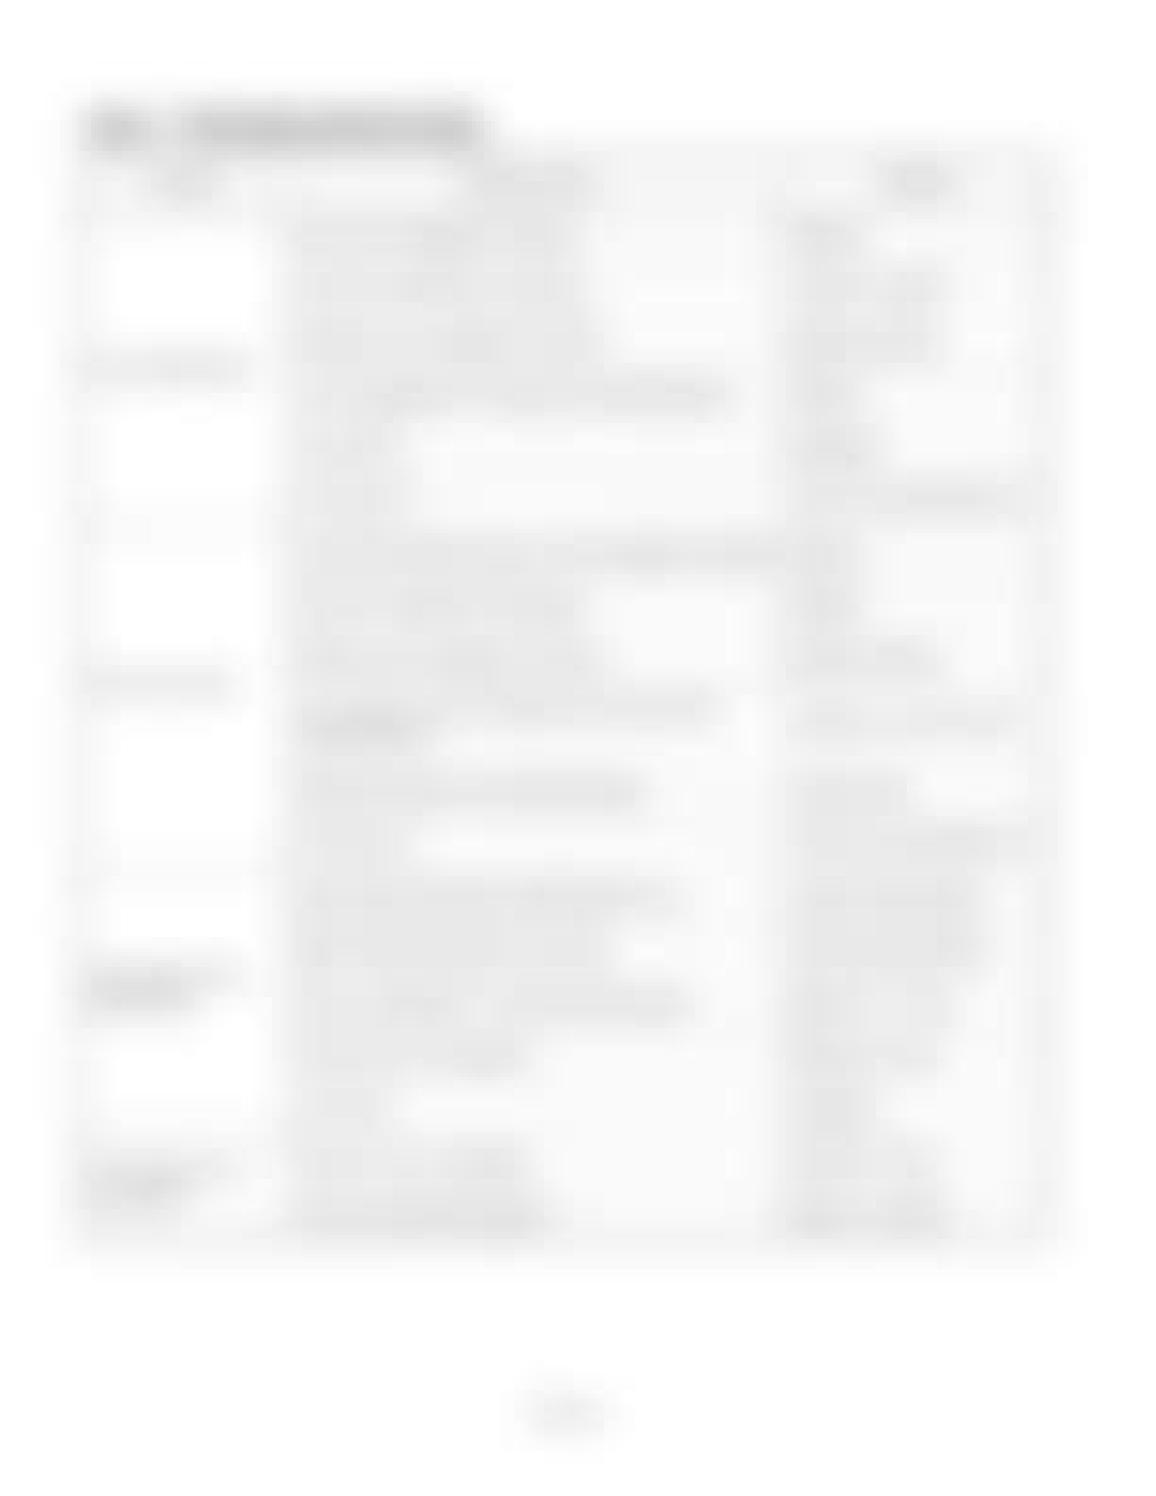 Hitachi LX110-7 LX130-7 LX160-7 LX190-7 LX230-7 Wheel Loader Workshop Manual - PDF DOWNLOAD page 216